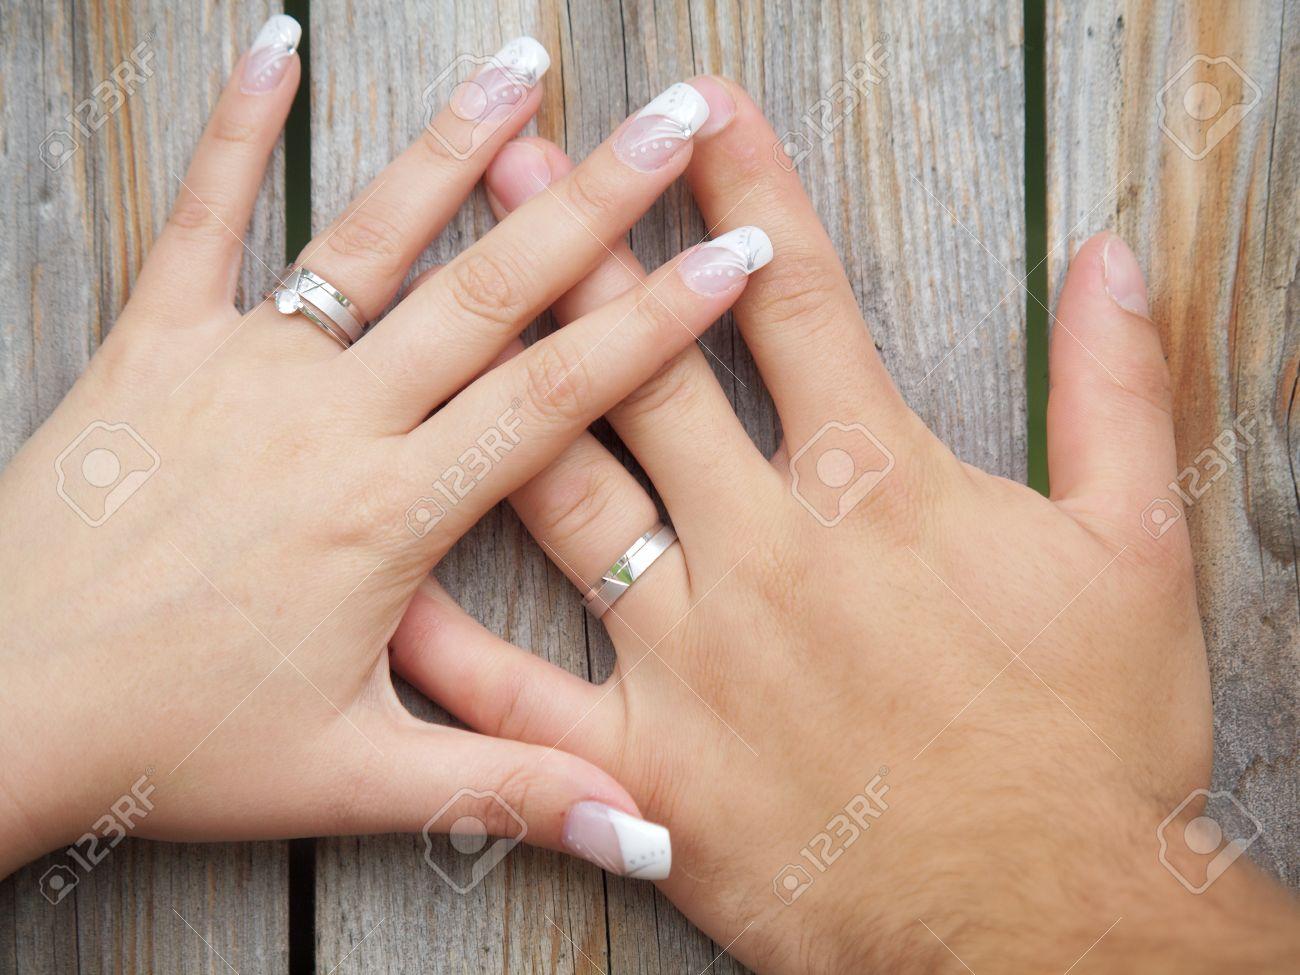 две руки с кольцами